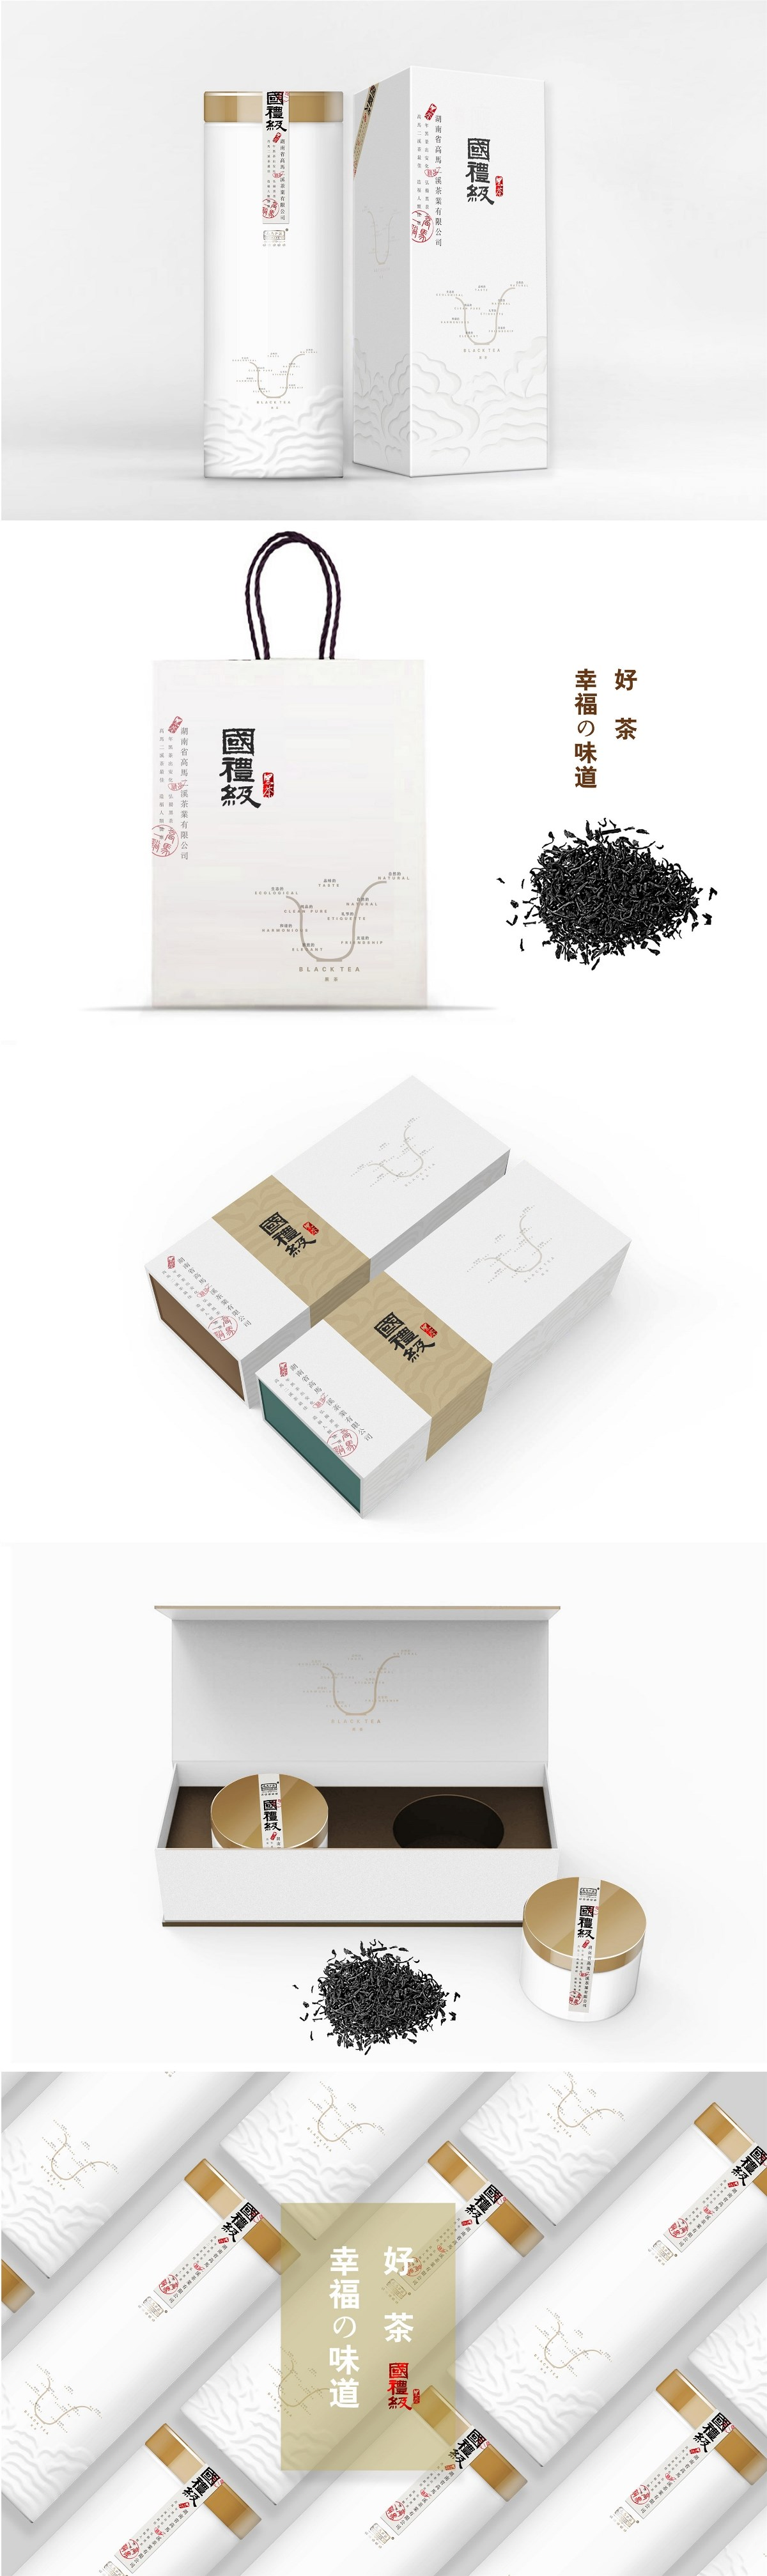 国礼级_茶叶包装_茶叶_茶_特产_包装设计